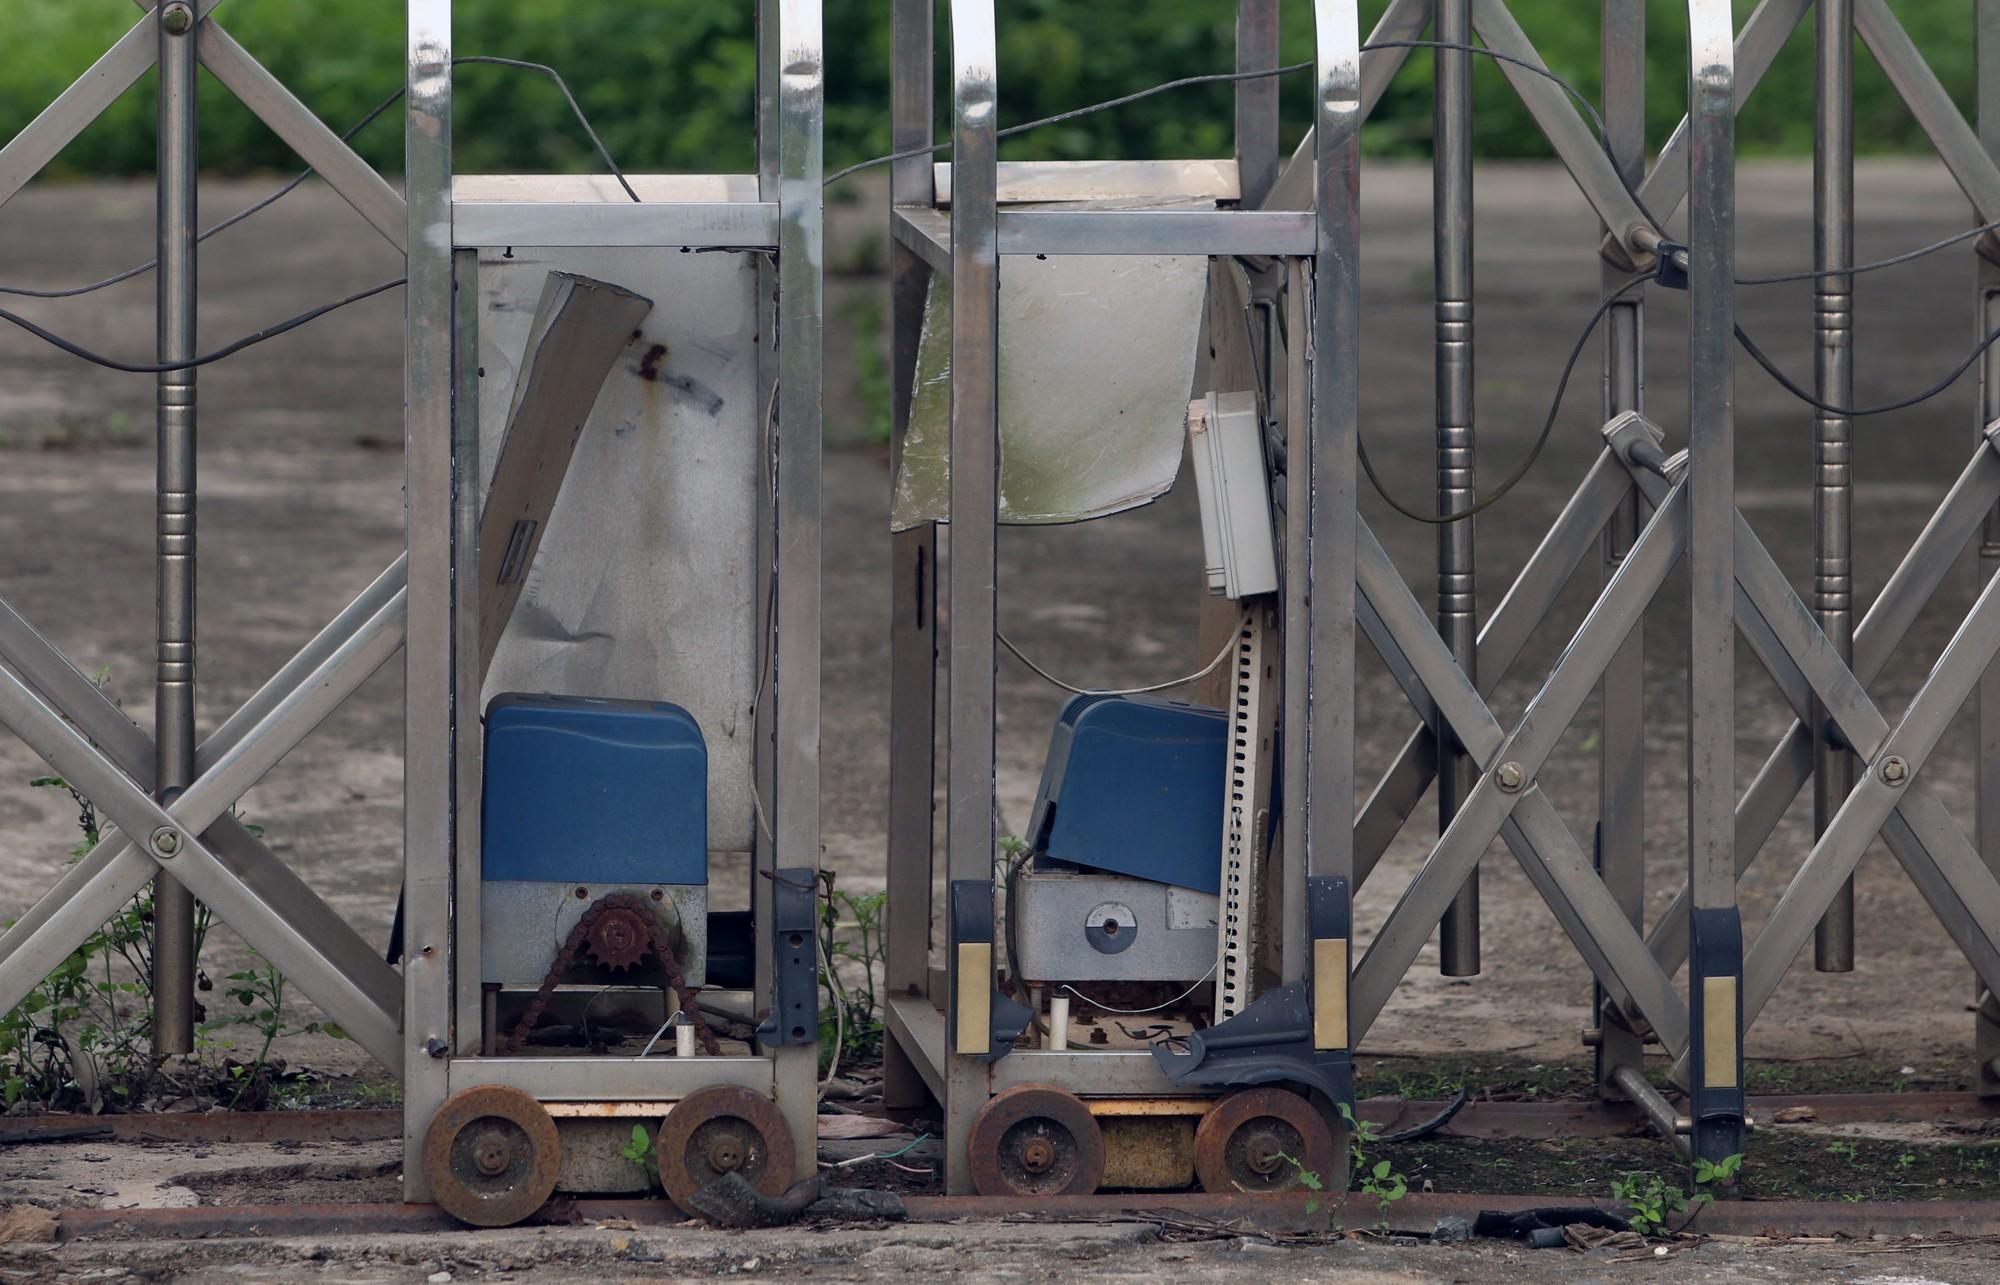 Bệnh viện qui mô 1.000 giường ở Hà Nội thành nơi nuôi gà - Ảnh 3.